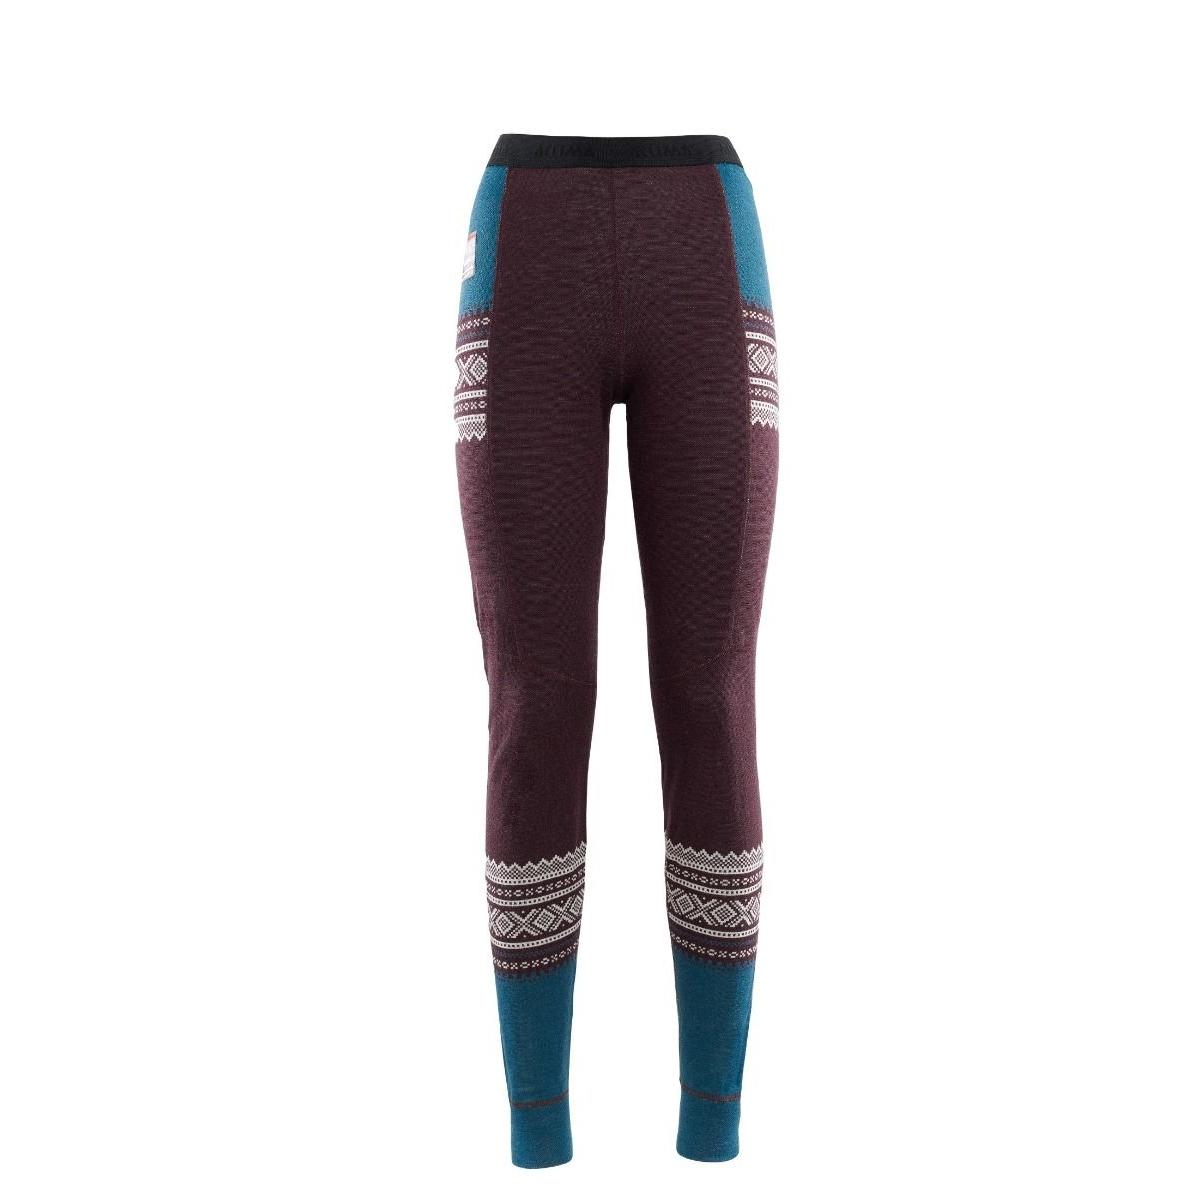 Image of Aclima Designwool Marius Women's Long Pants - lifjell